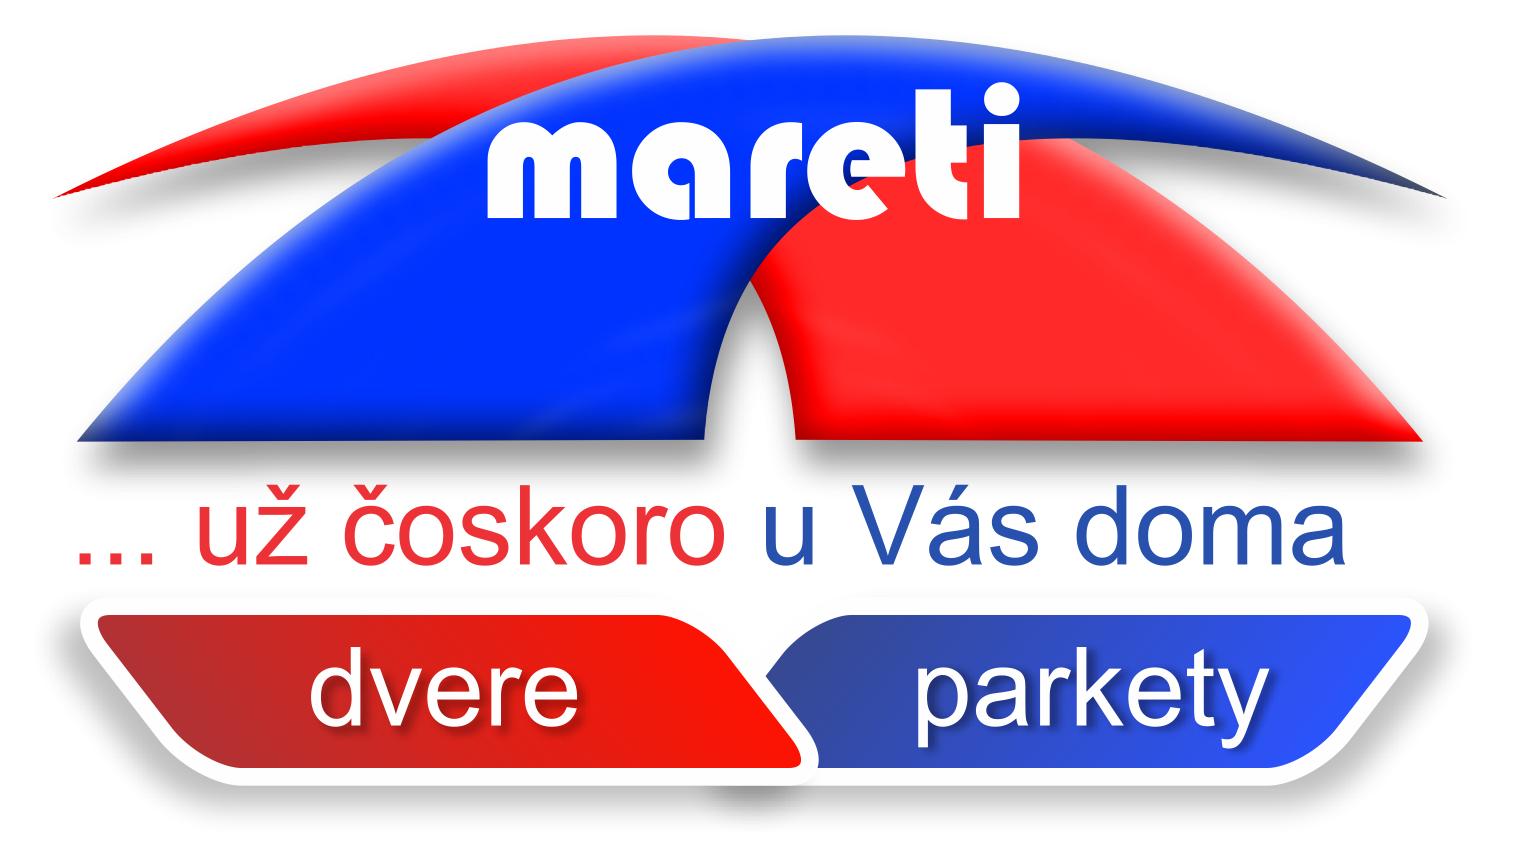 Mareti